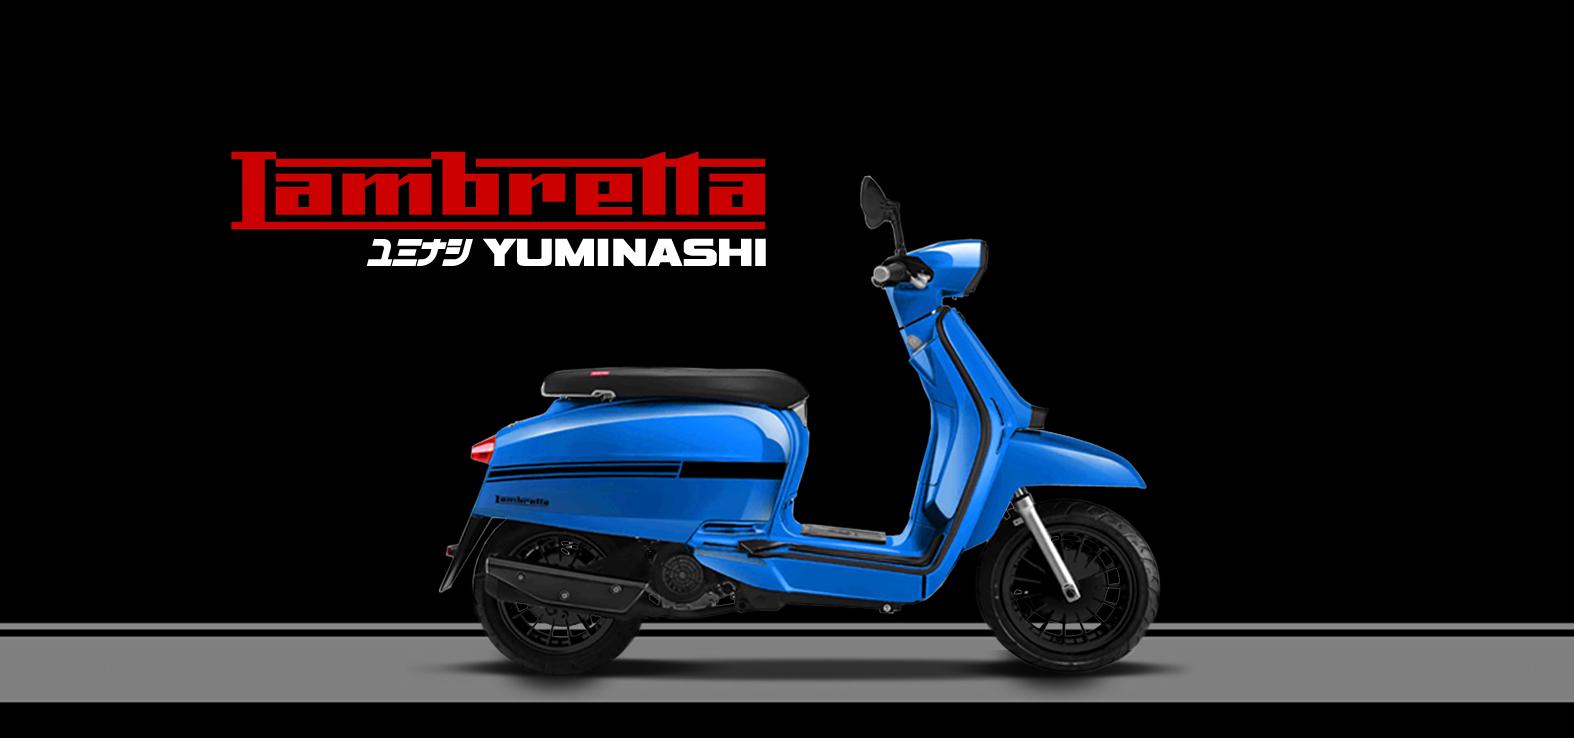 lambretta-yuminashi.png